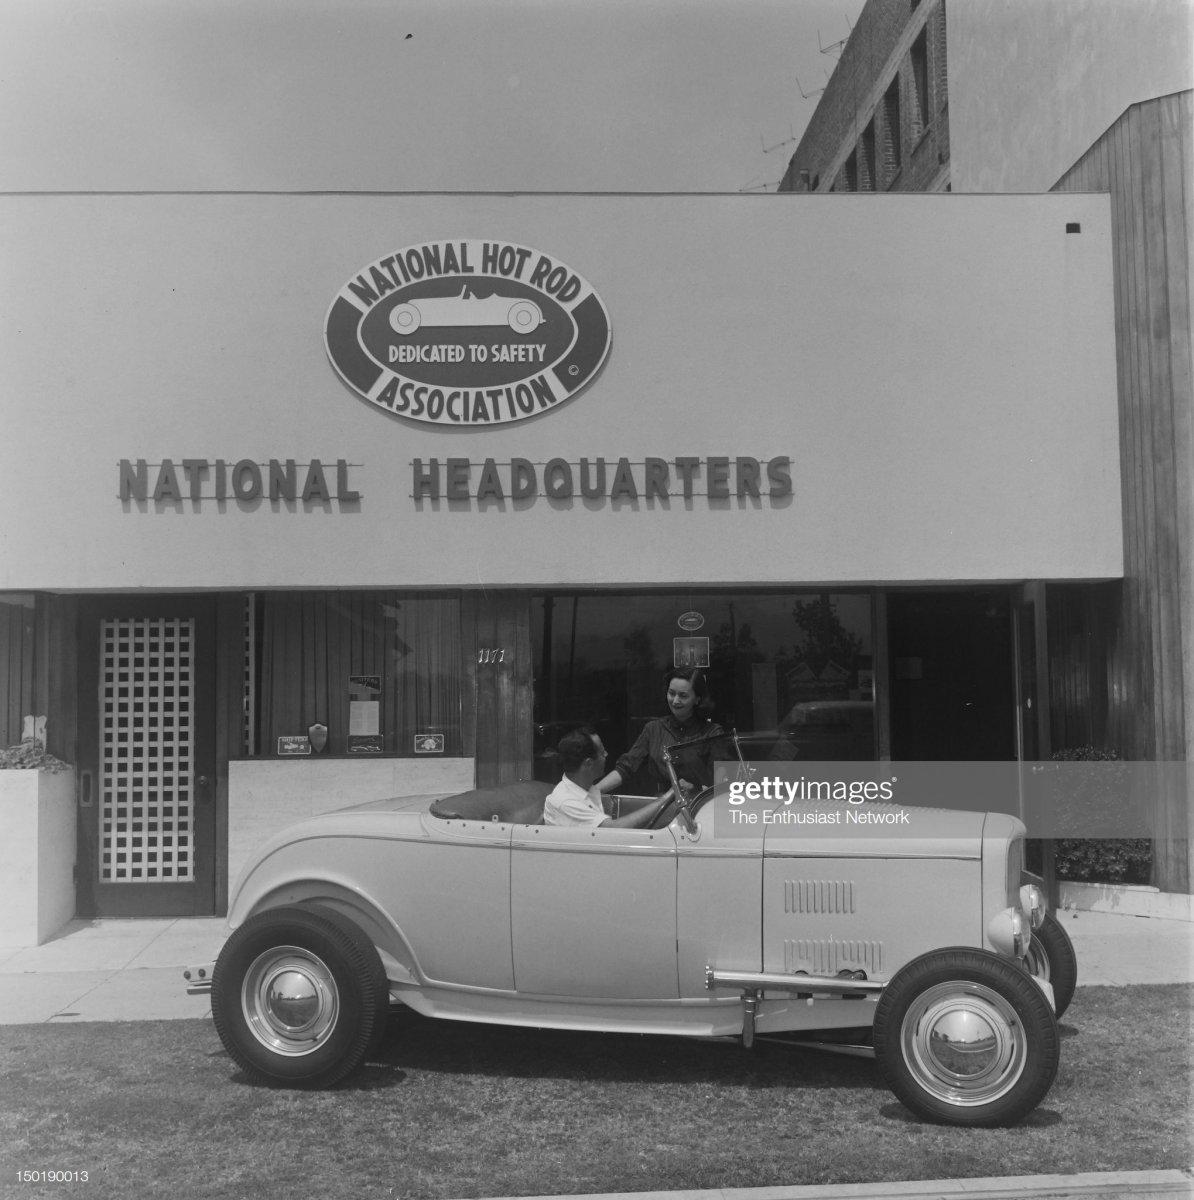 21  Dick Scritchfield 1932 Roadster - NHRA Headquarters.1.jpg